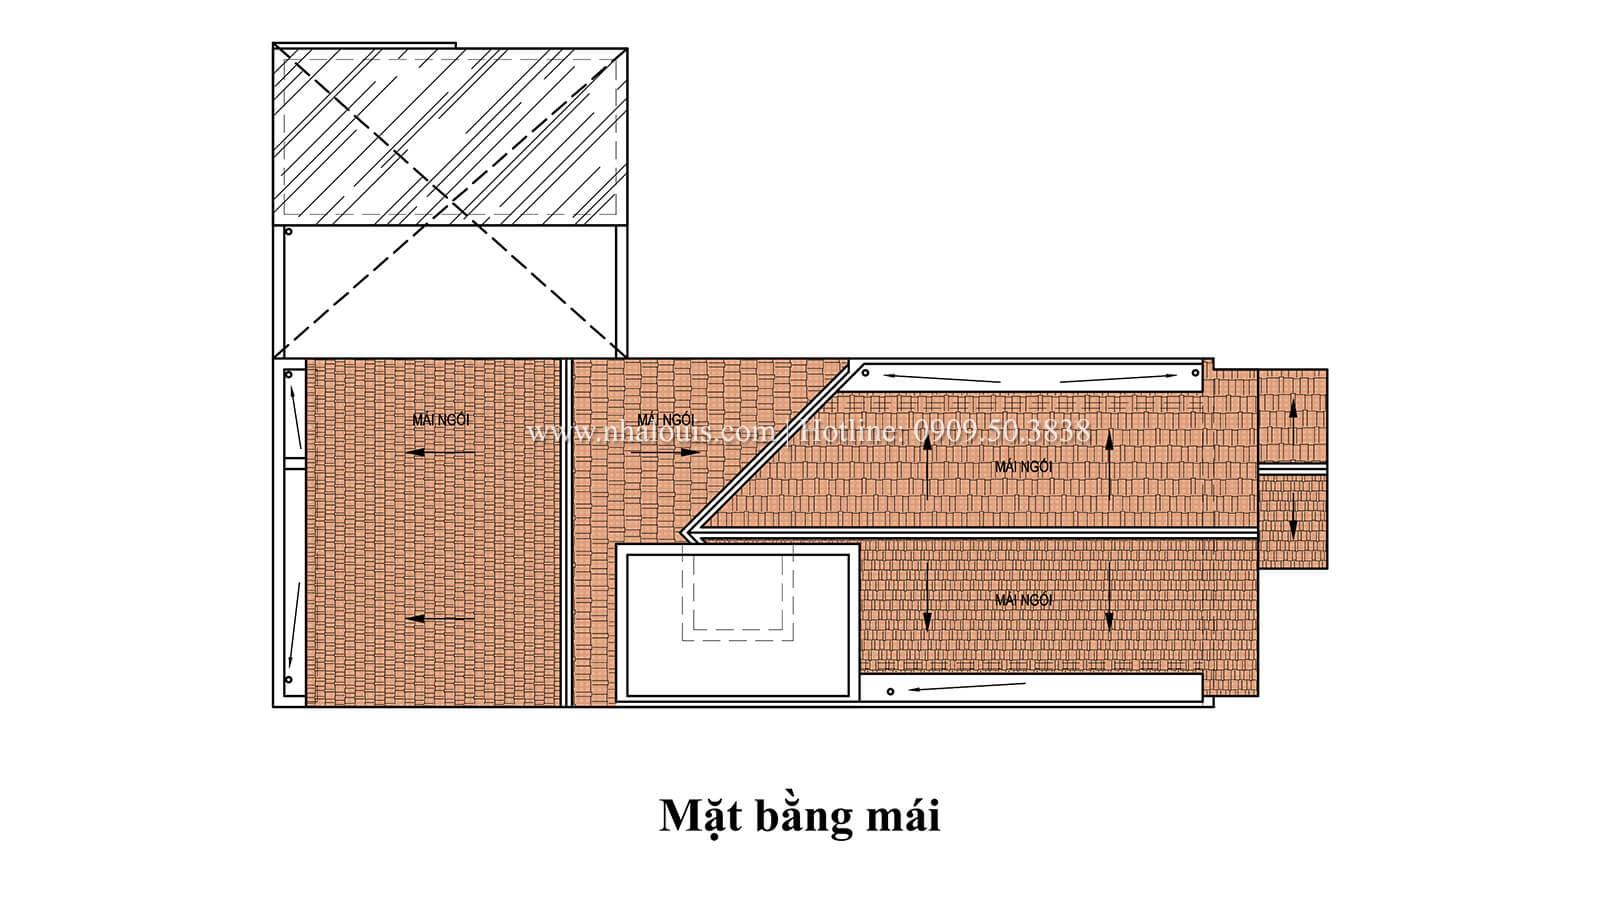 Mặt bằng tầng mái Mẫu nhà phố bán cổ điển với mái Thái độc đáo tại Tân Bình - 30